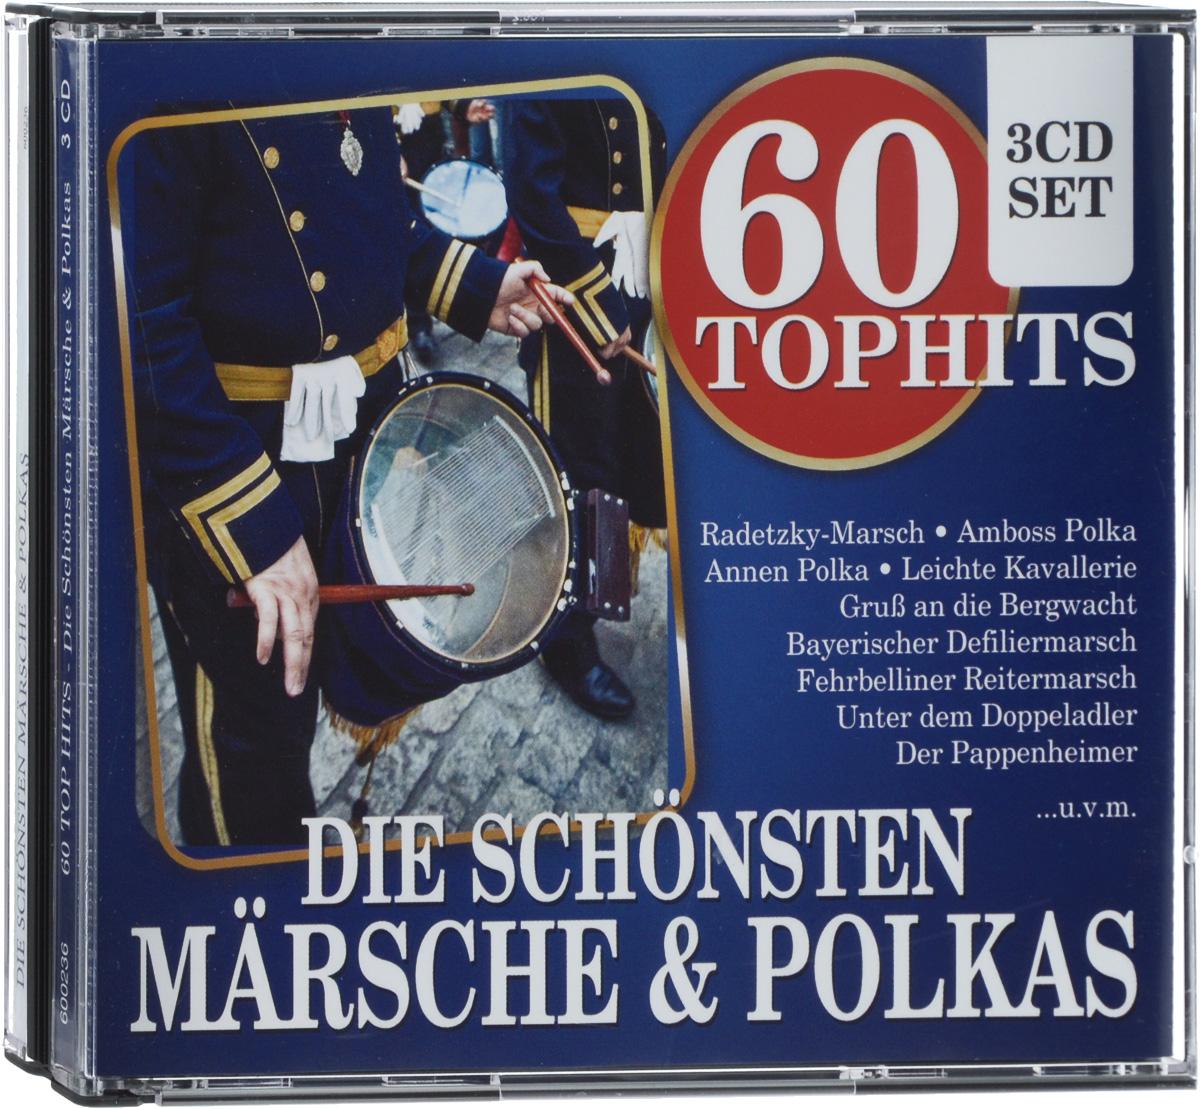 60 Top Hits Marsche & Polkas (3 CD)